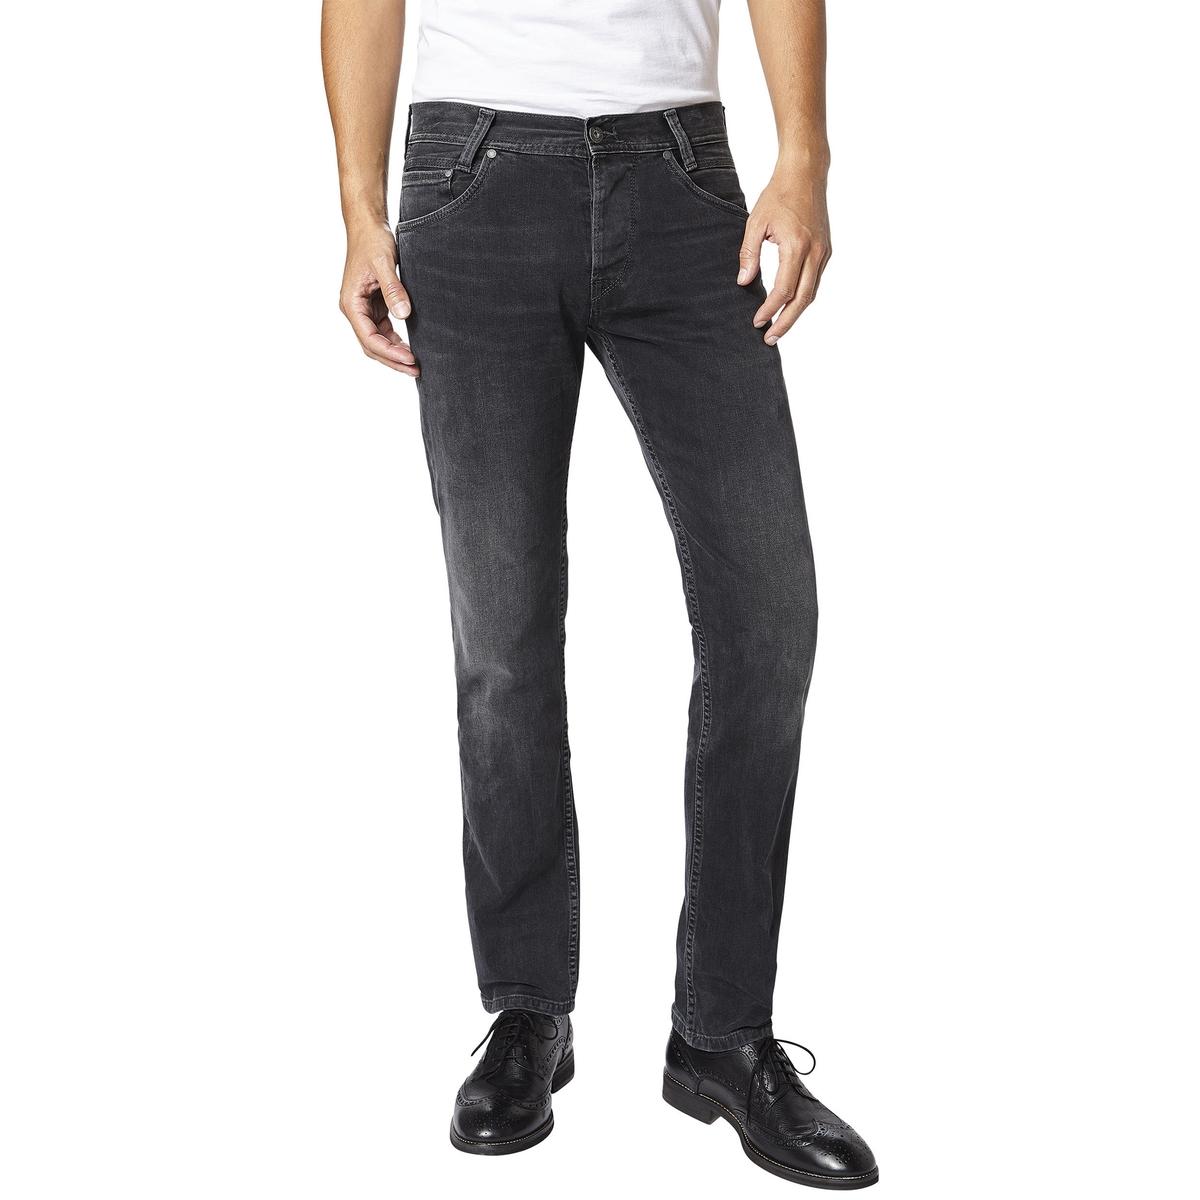 Джинсы прямого покроя обтягивающие SPIKE patrizia pepe обтягивающие джинсы